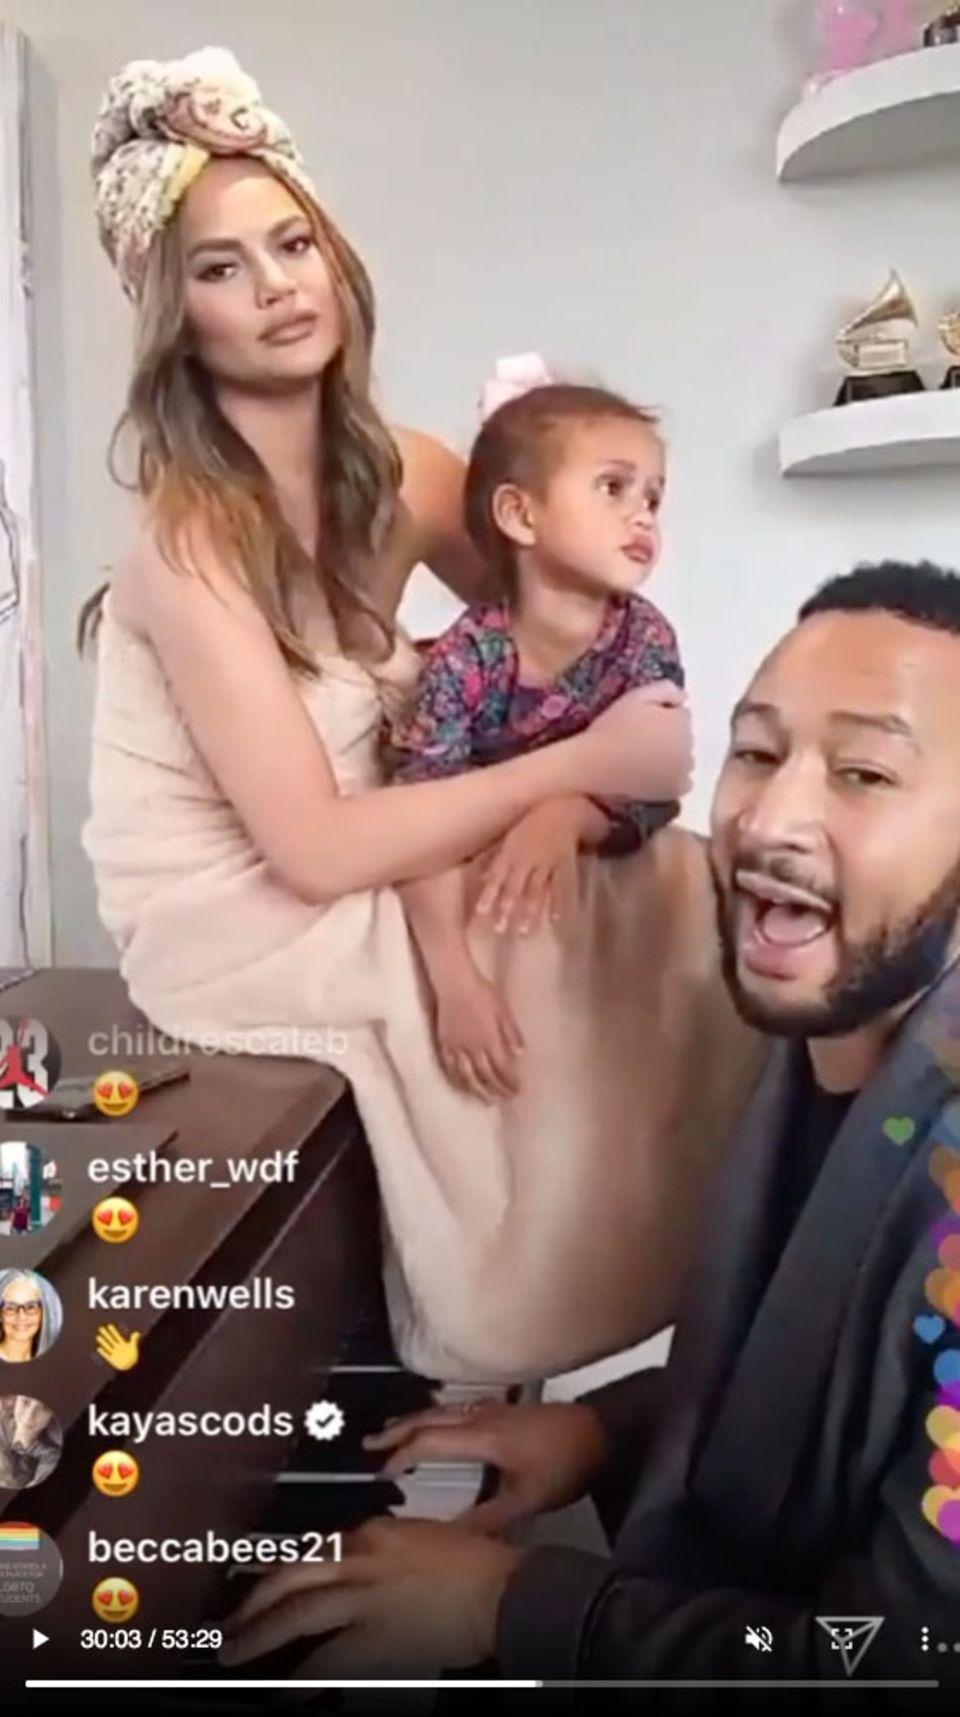 Sänger John Legend zeigt sich auf musikalische Weise solidarisch. Für seine Fans gibt er ein Wohnzimmerkonzert, dass er über Instagram streamt. Seineschöne Ehefrau Chrissy Teigen und Töchterchen Luna leisten ihm dabei bezaubernde Gesellschaft.